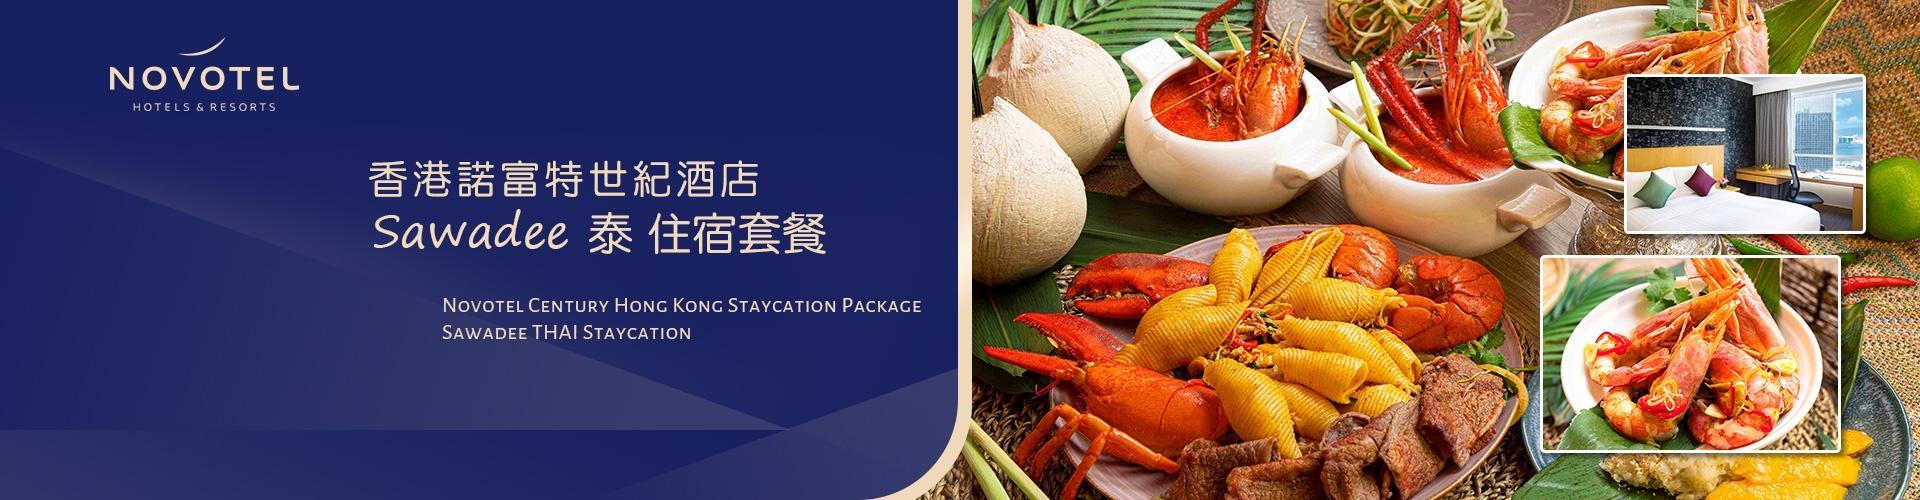 香港諾富特世紀酒店「Sawadee泰」住宿套餐